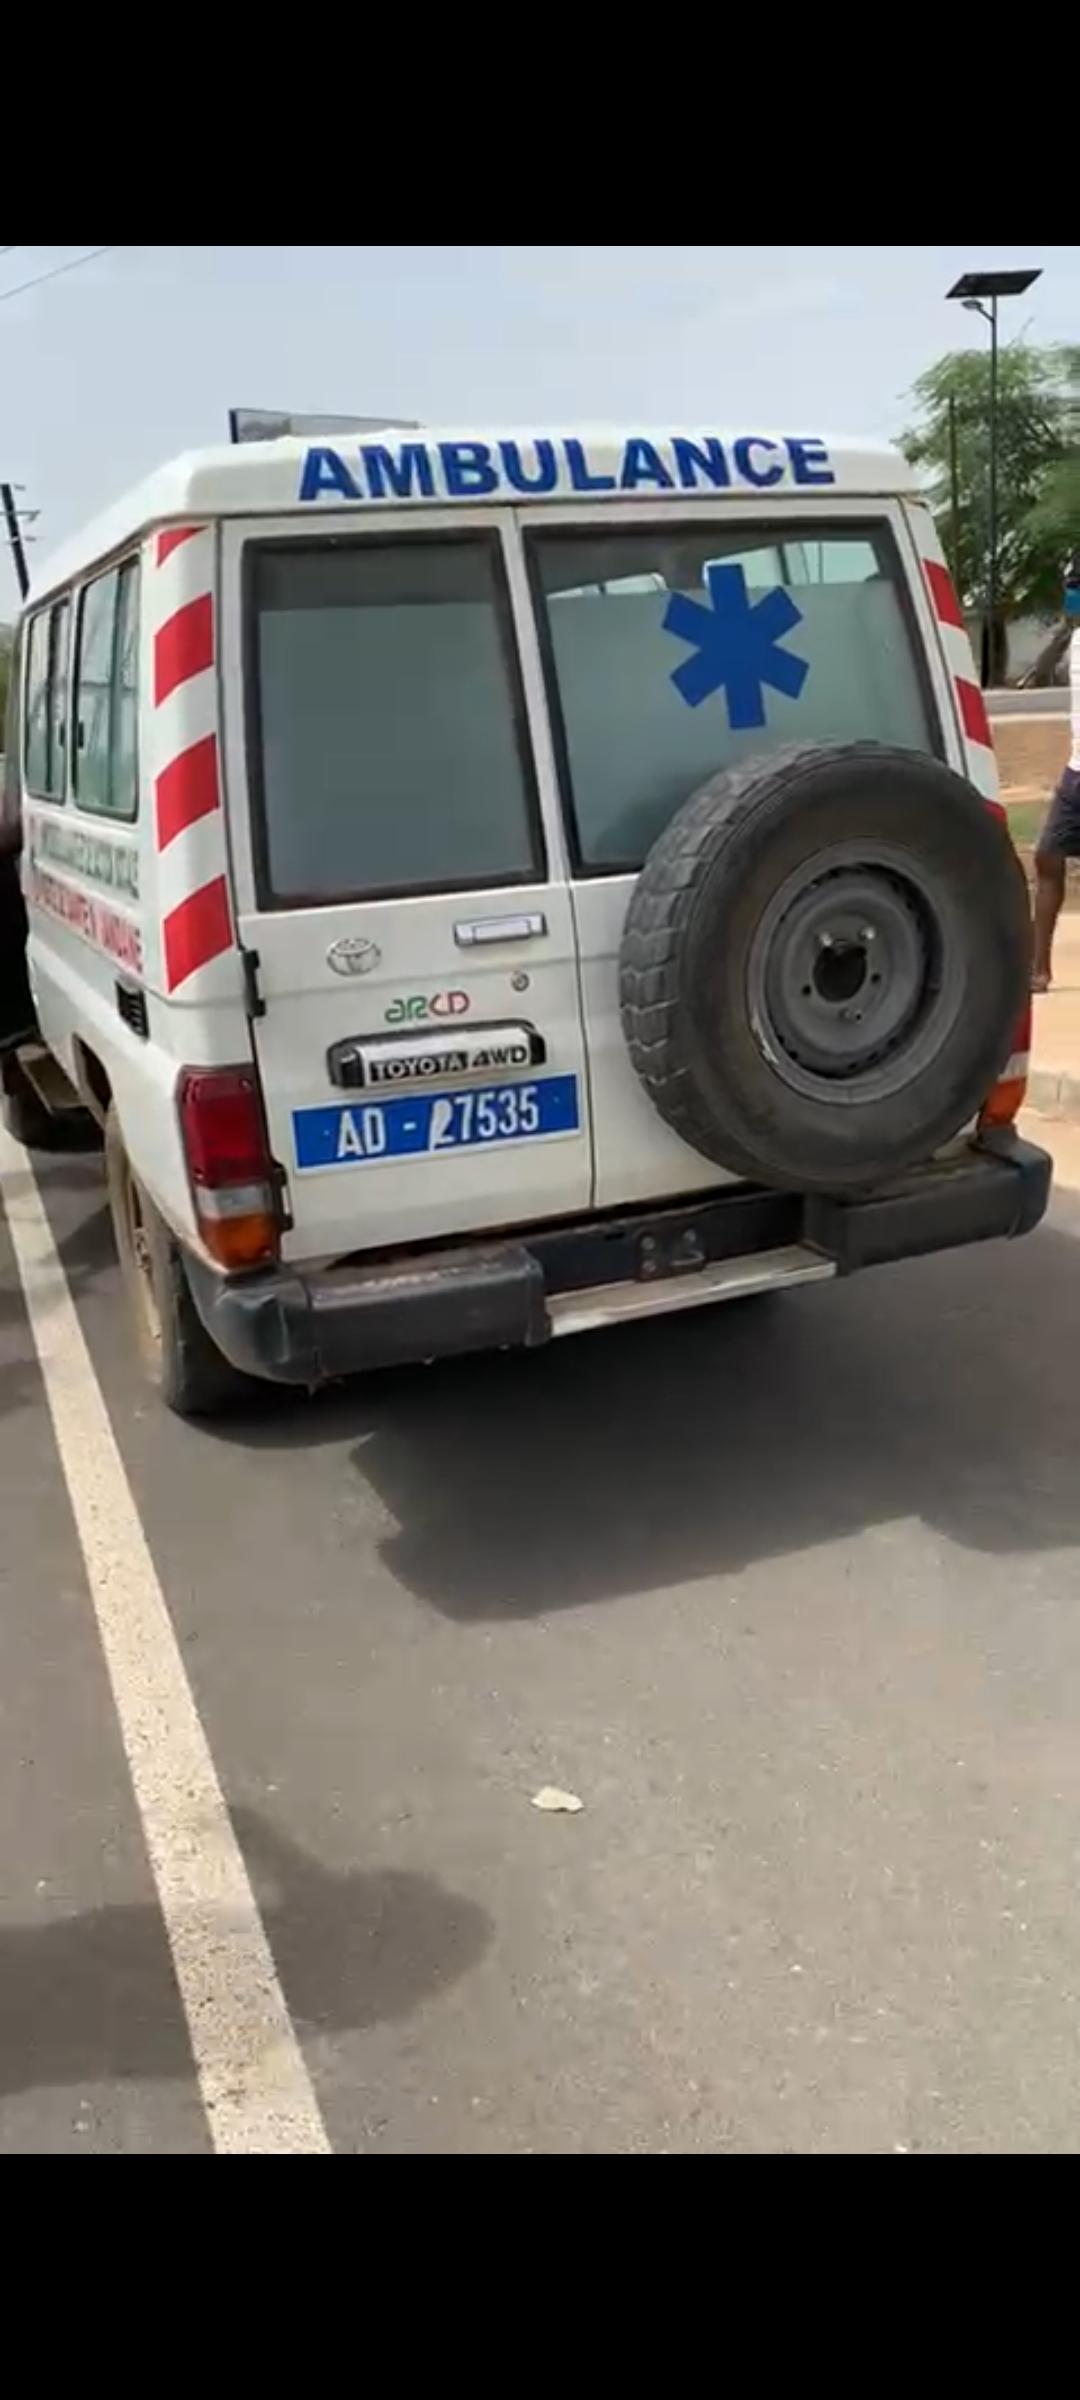 Processus électoral -Inscriptions frauduleuses à Podor : Alsar, le Pds et les autres acteurs ont alerté la gendarmerie.